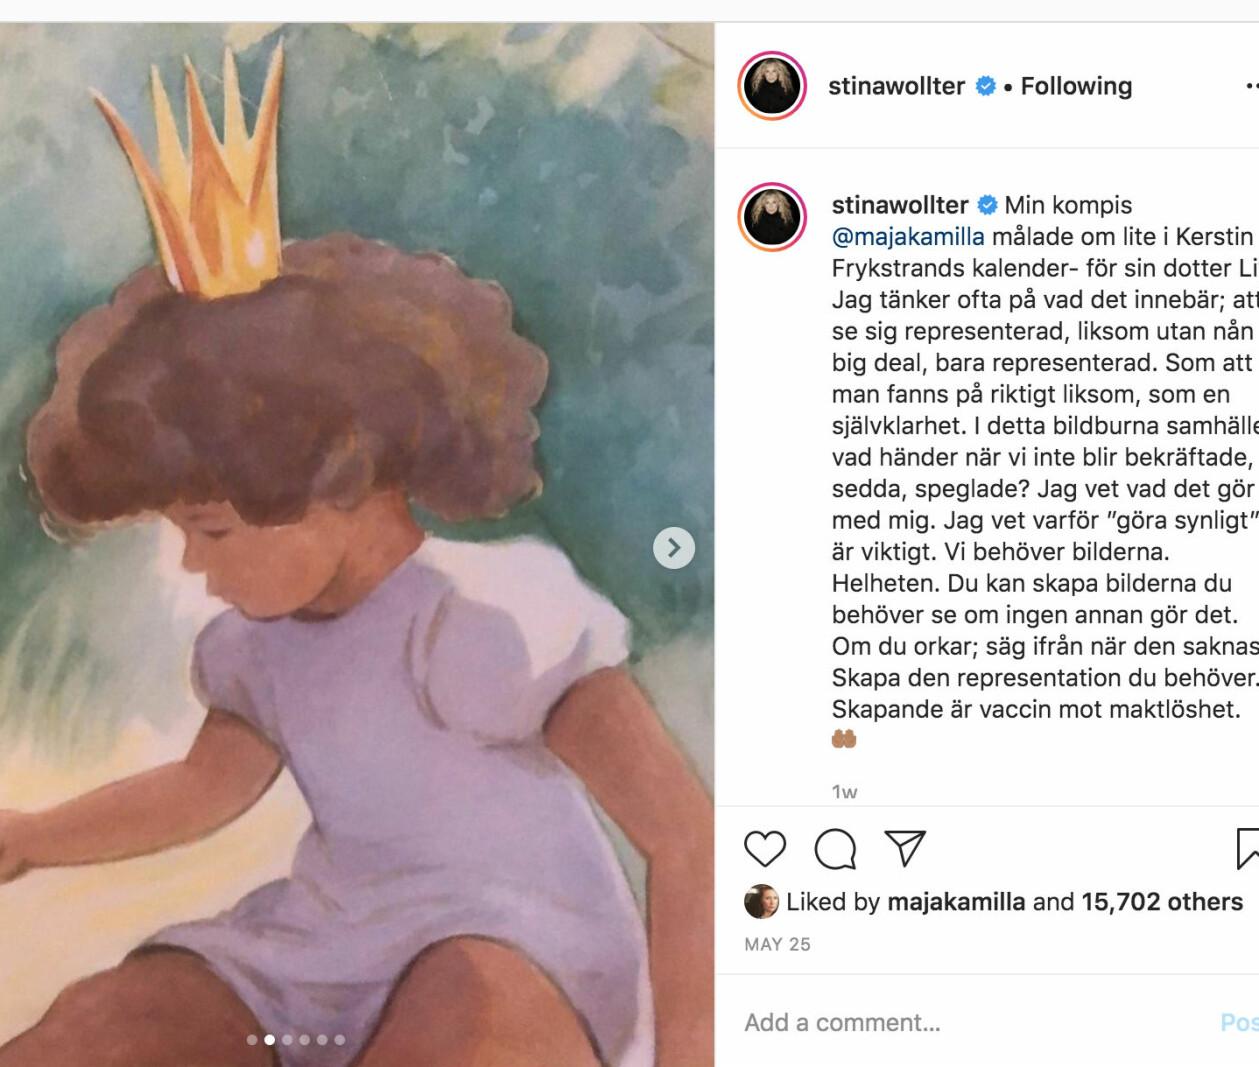 Skärmdump från Stina Wollters instagram. Majflickan har brunt hår och hy. Brevid står Stinas hyllande text.